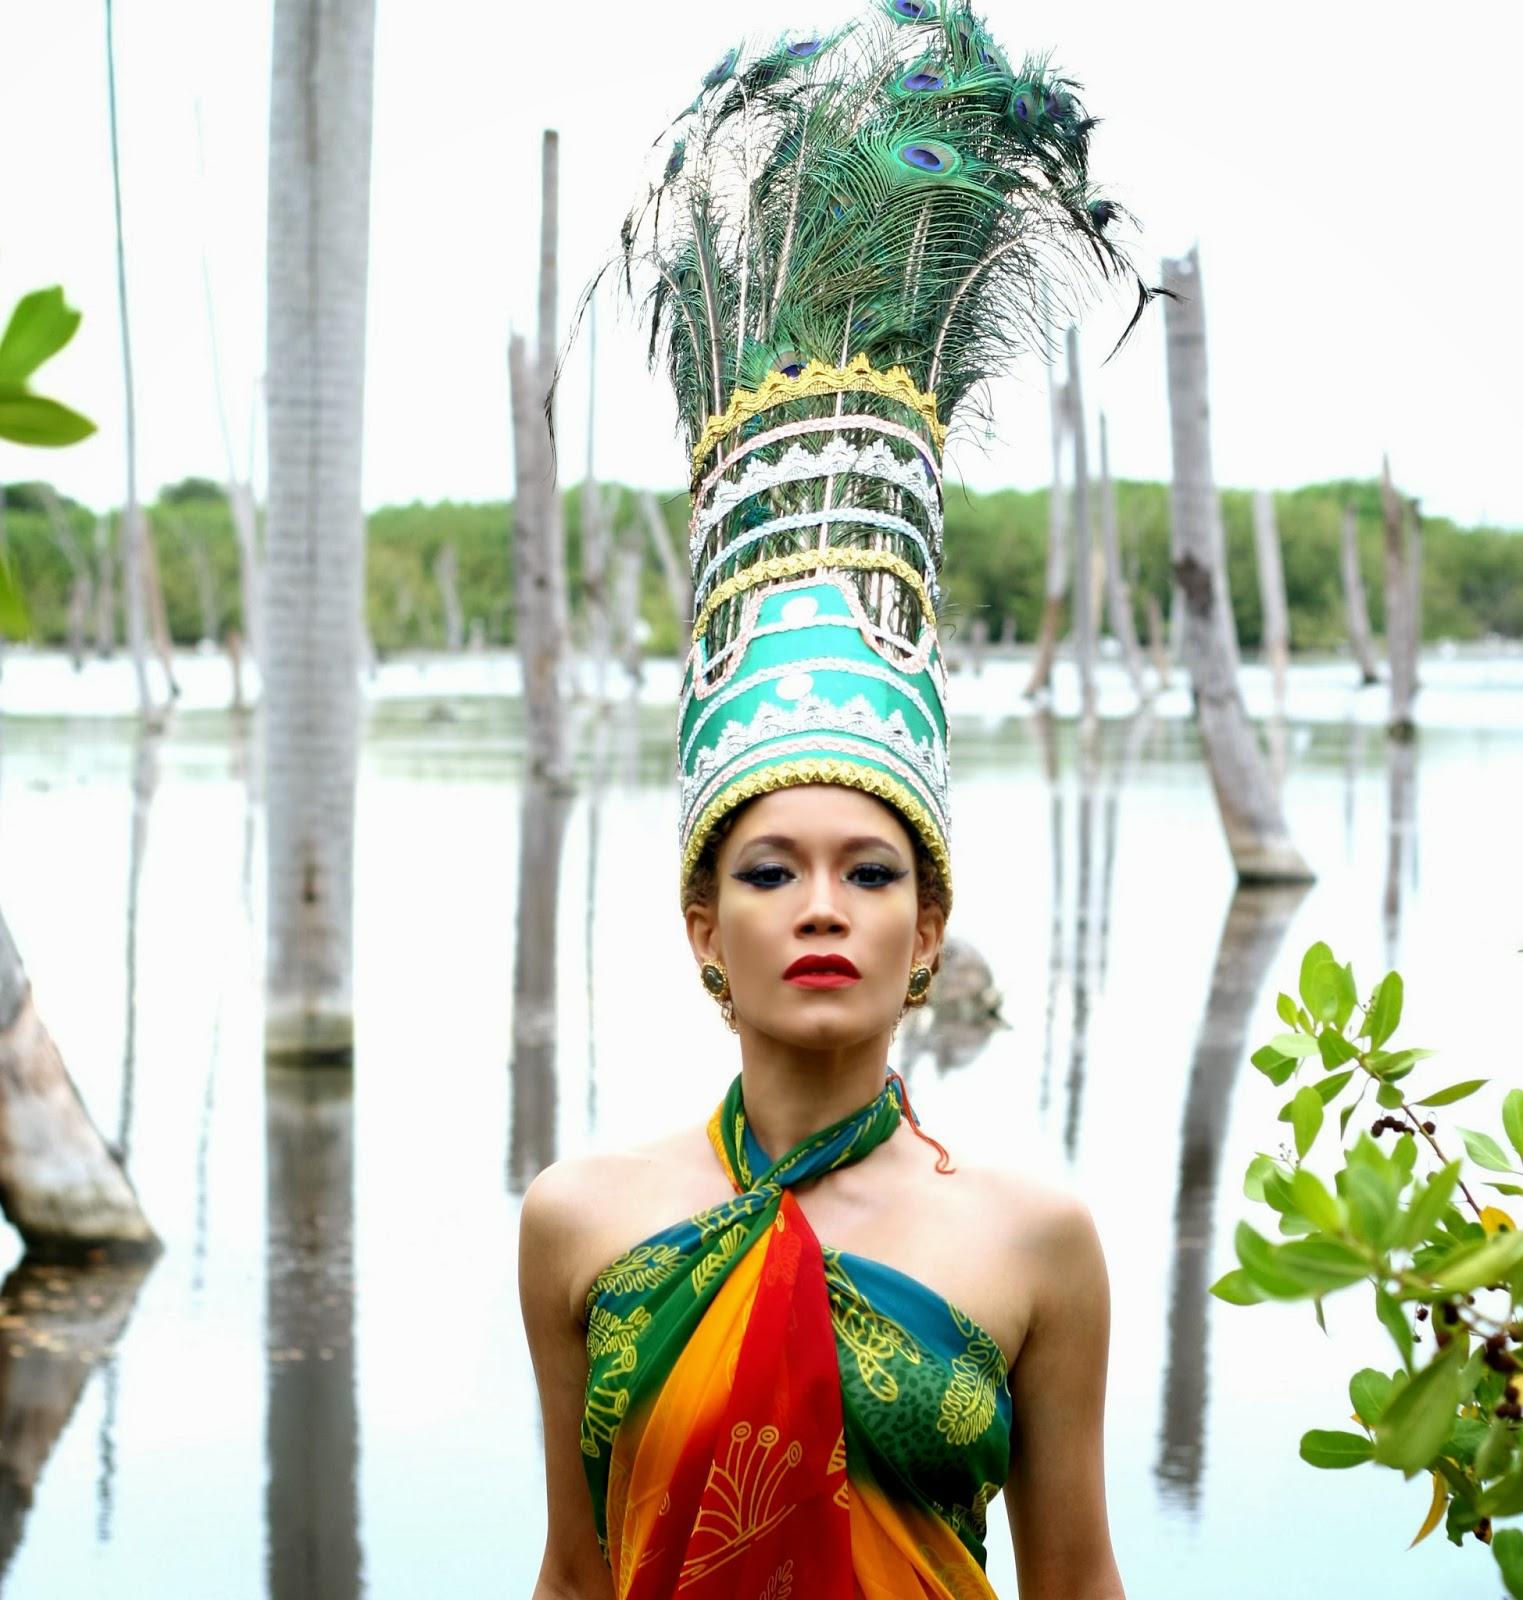 """Exclusive Premiere: Carolina Camacho's Palo Electrónico in """"Ninfa de las Aguas"""" Video"""